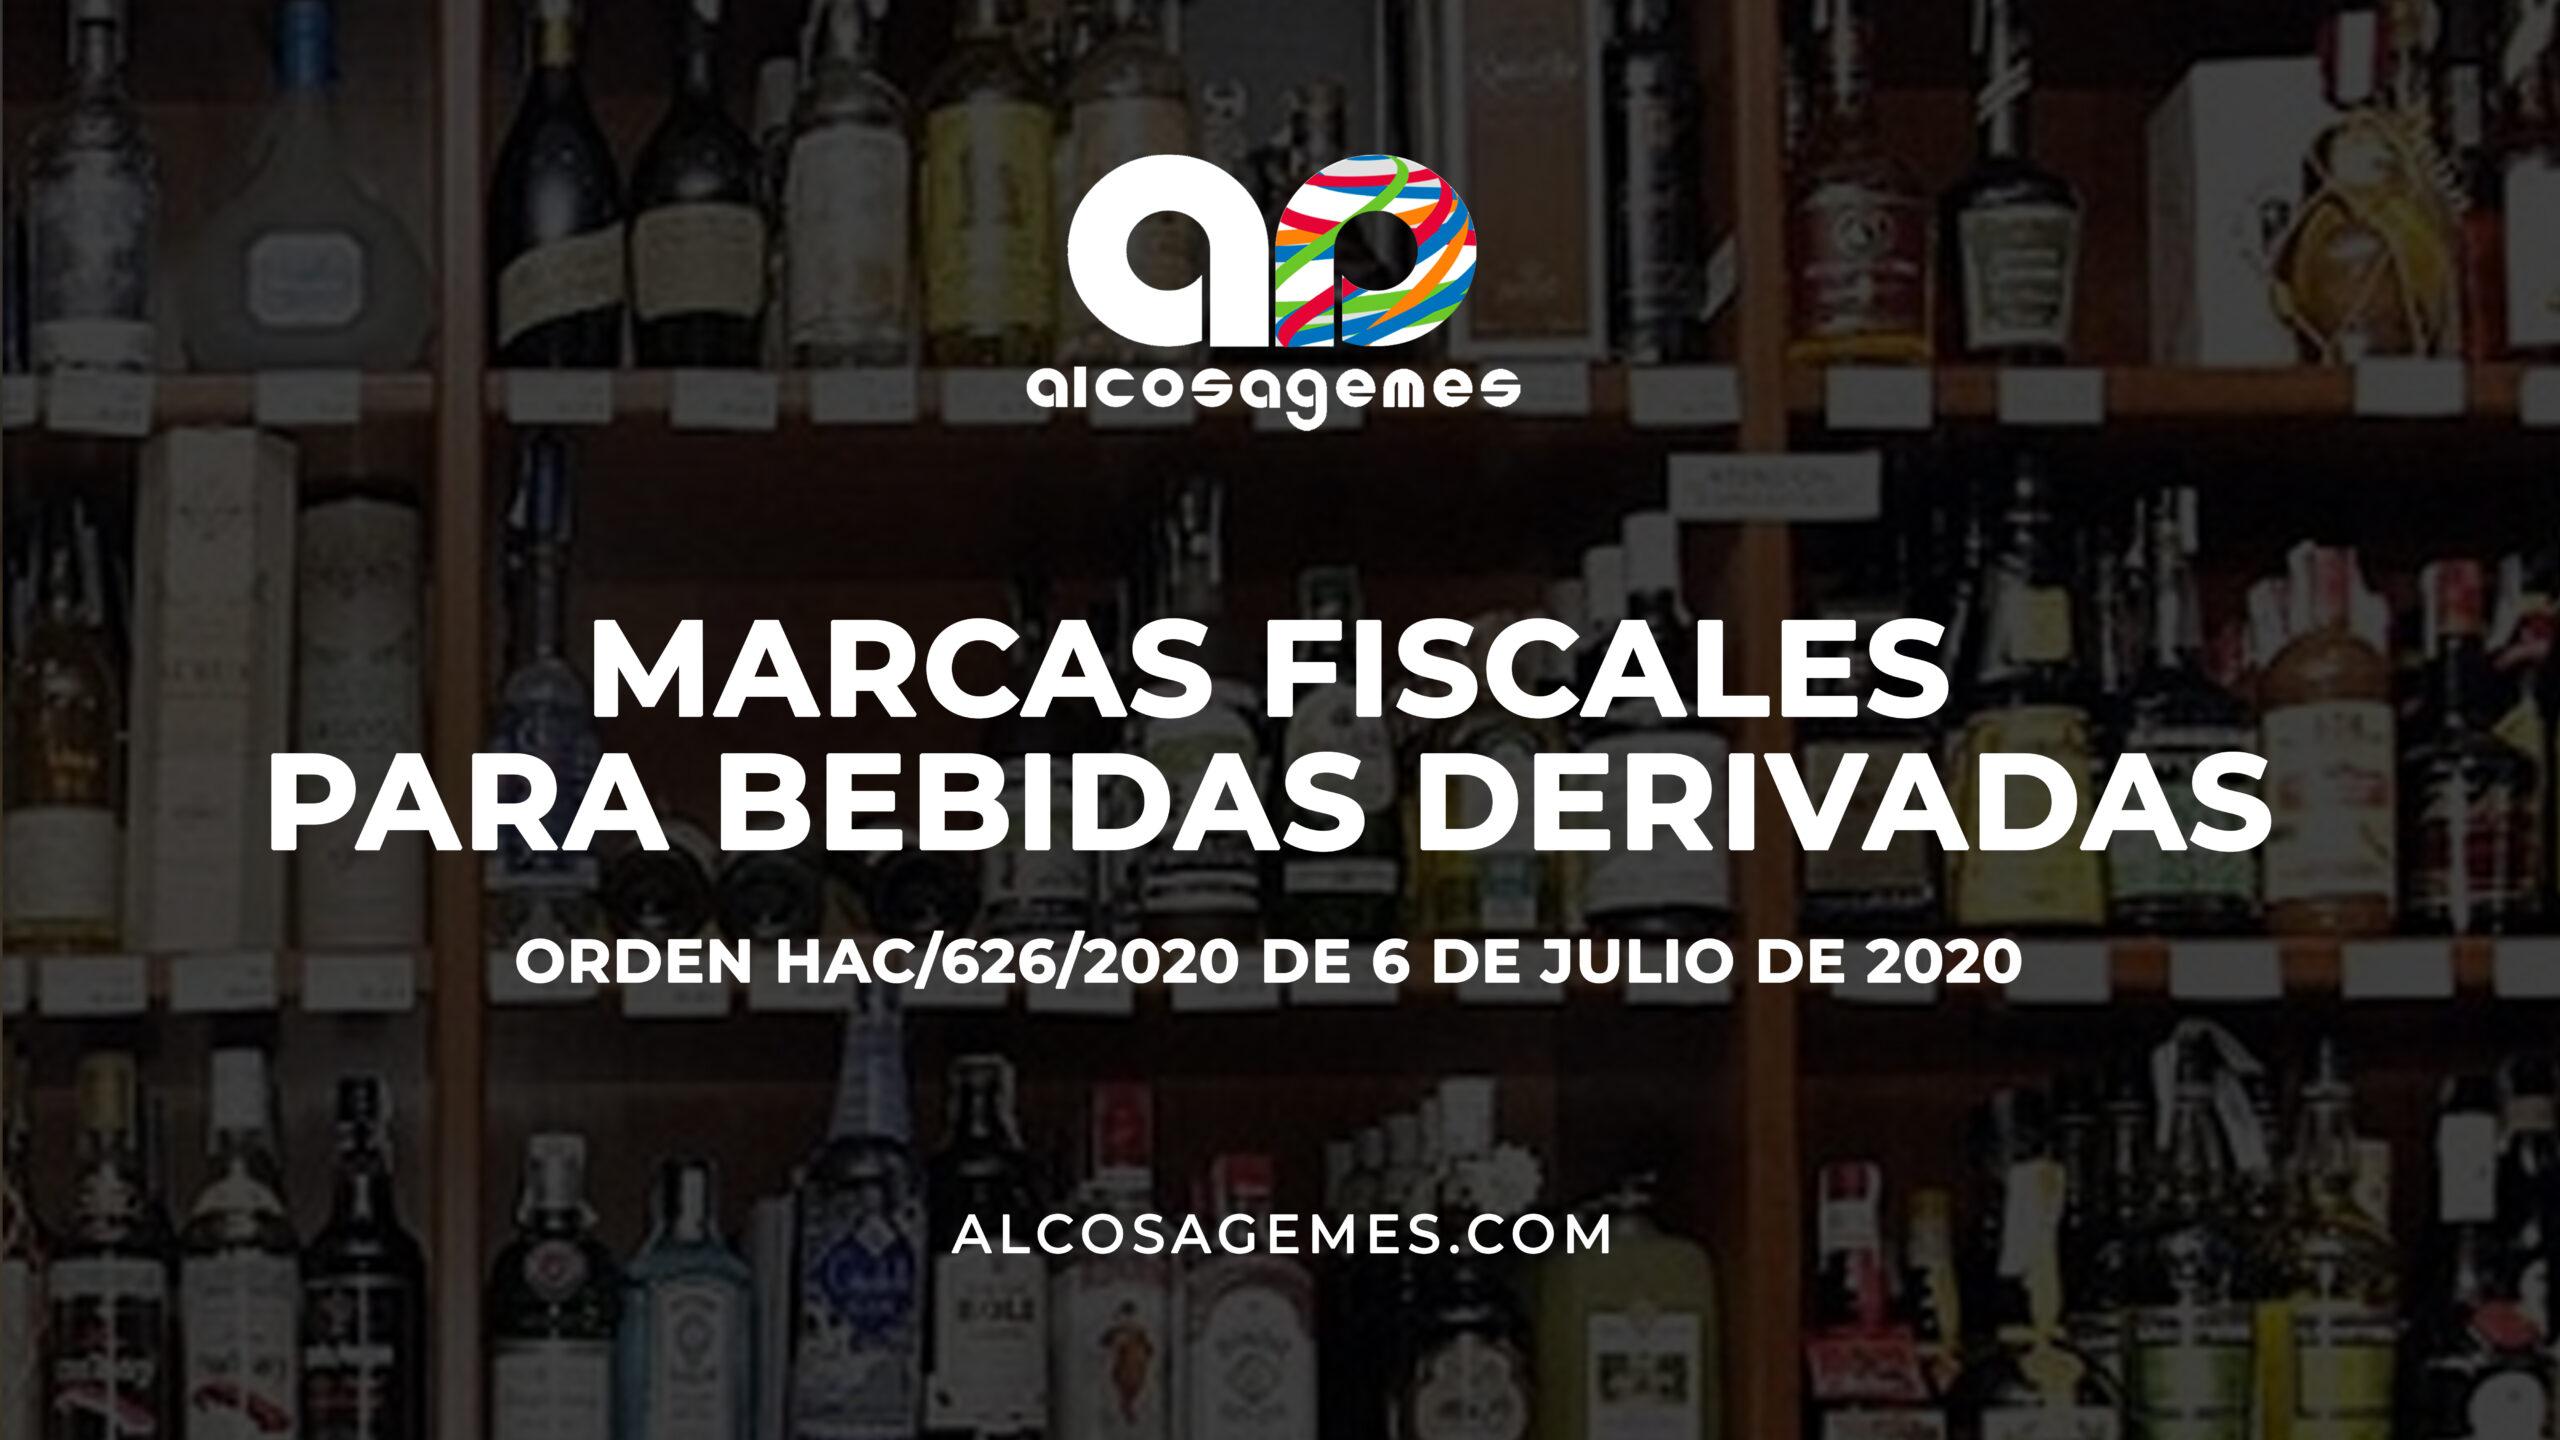 Marcas fiscales para bebidas derivadas